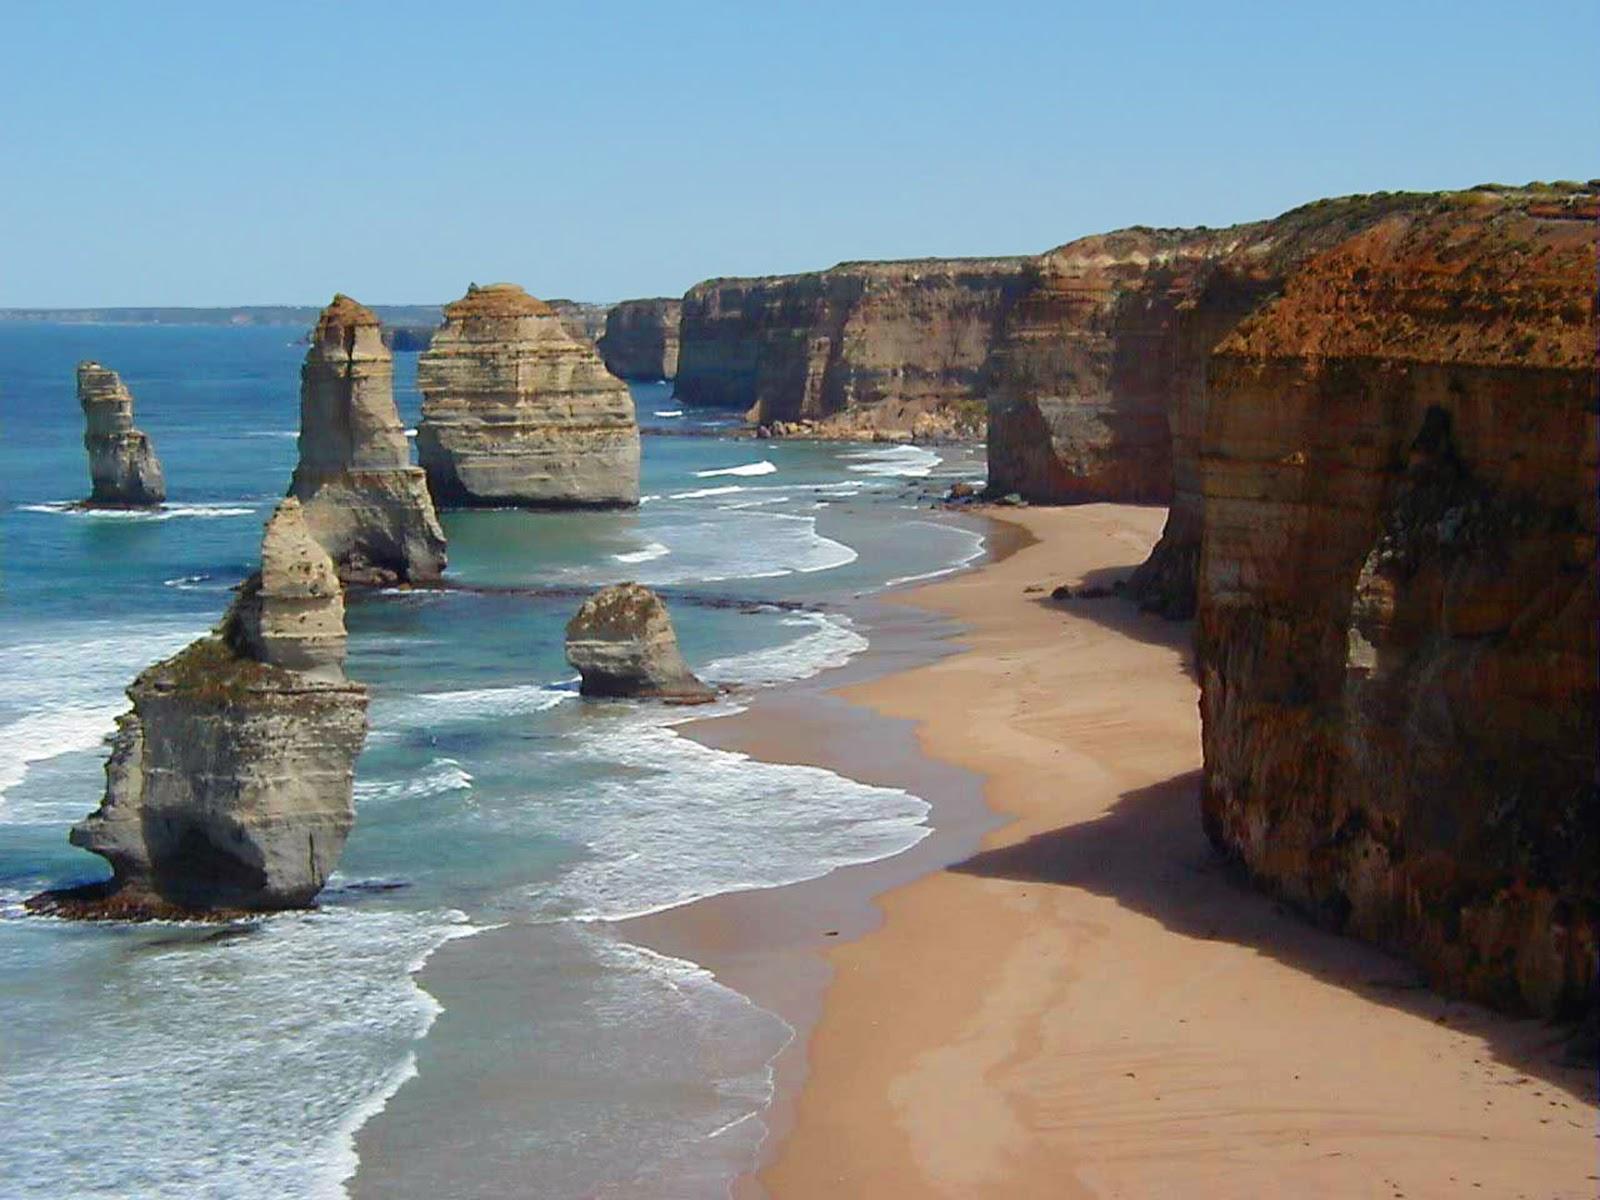 Melbourne Fresh Daily: 12 APOSTLES, VICTORIA